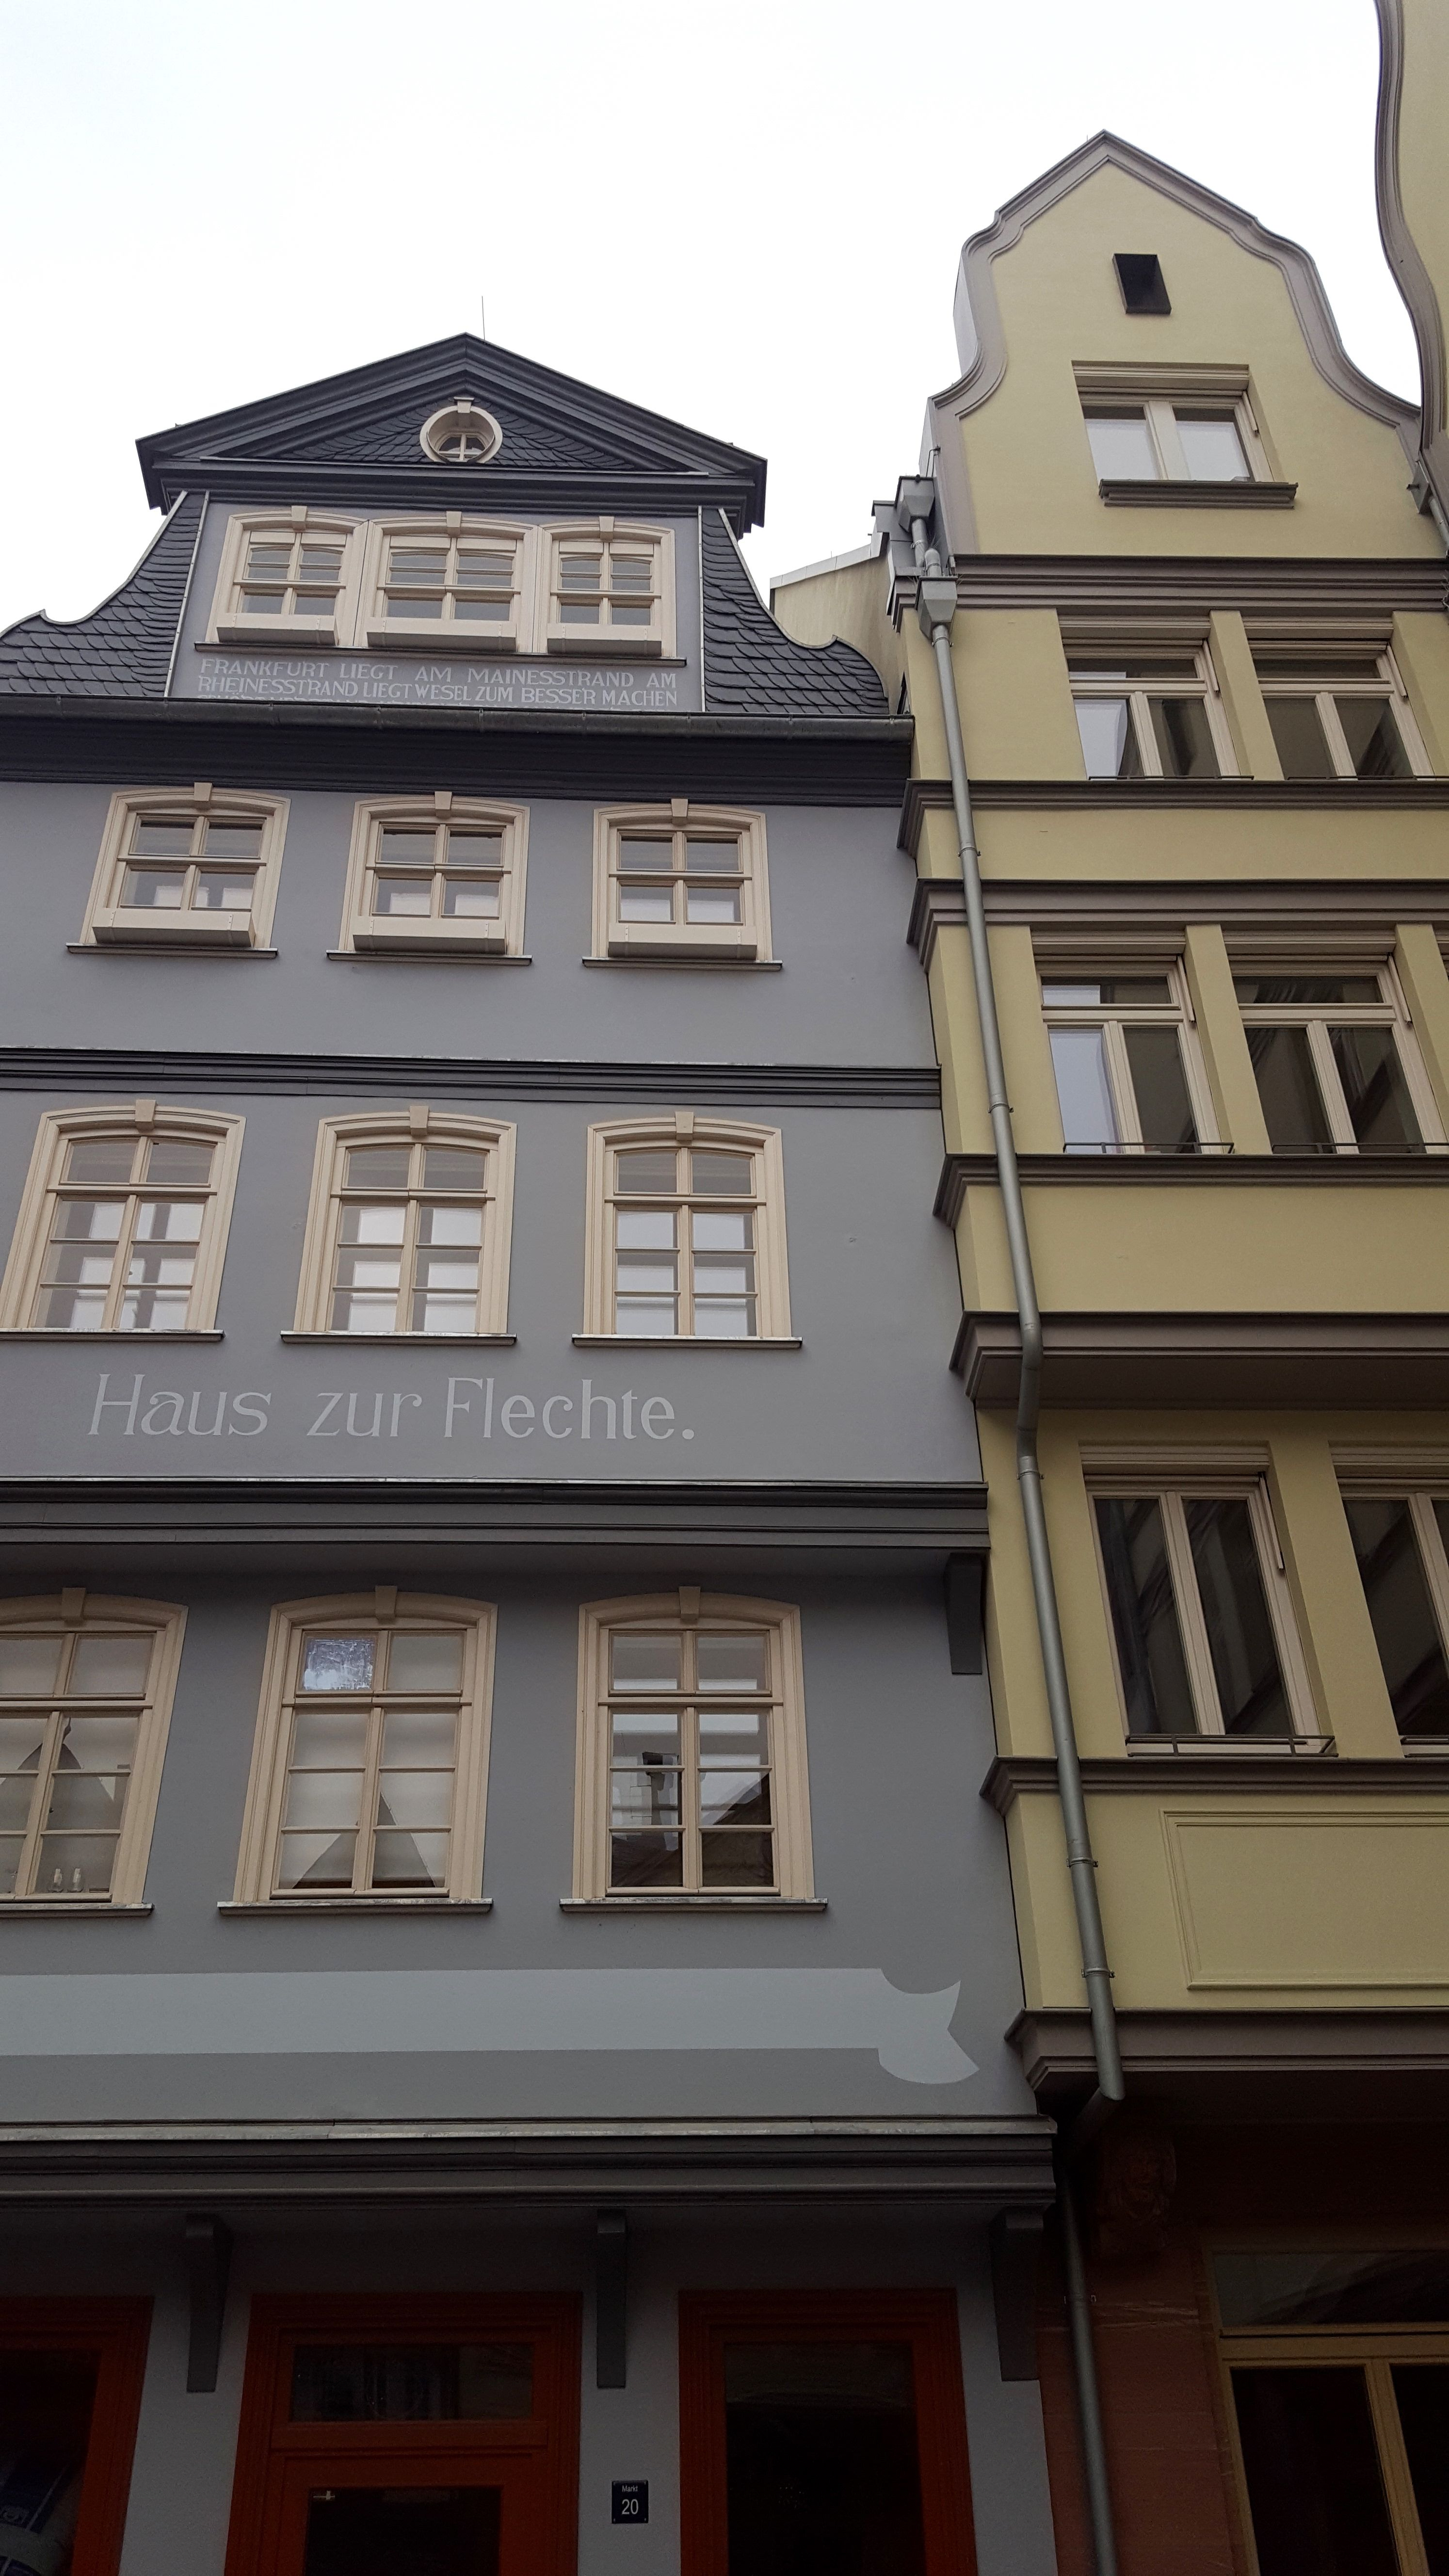 Manner kennenlernen in frankfurt